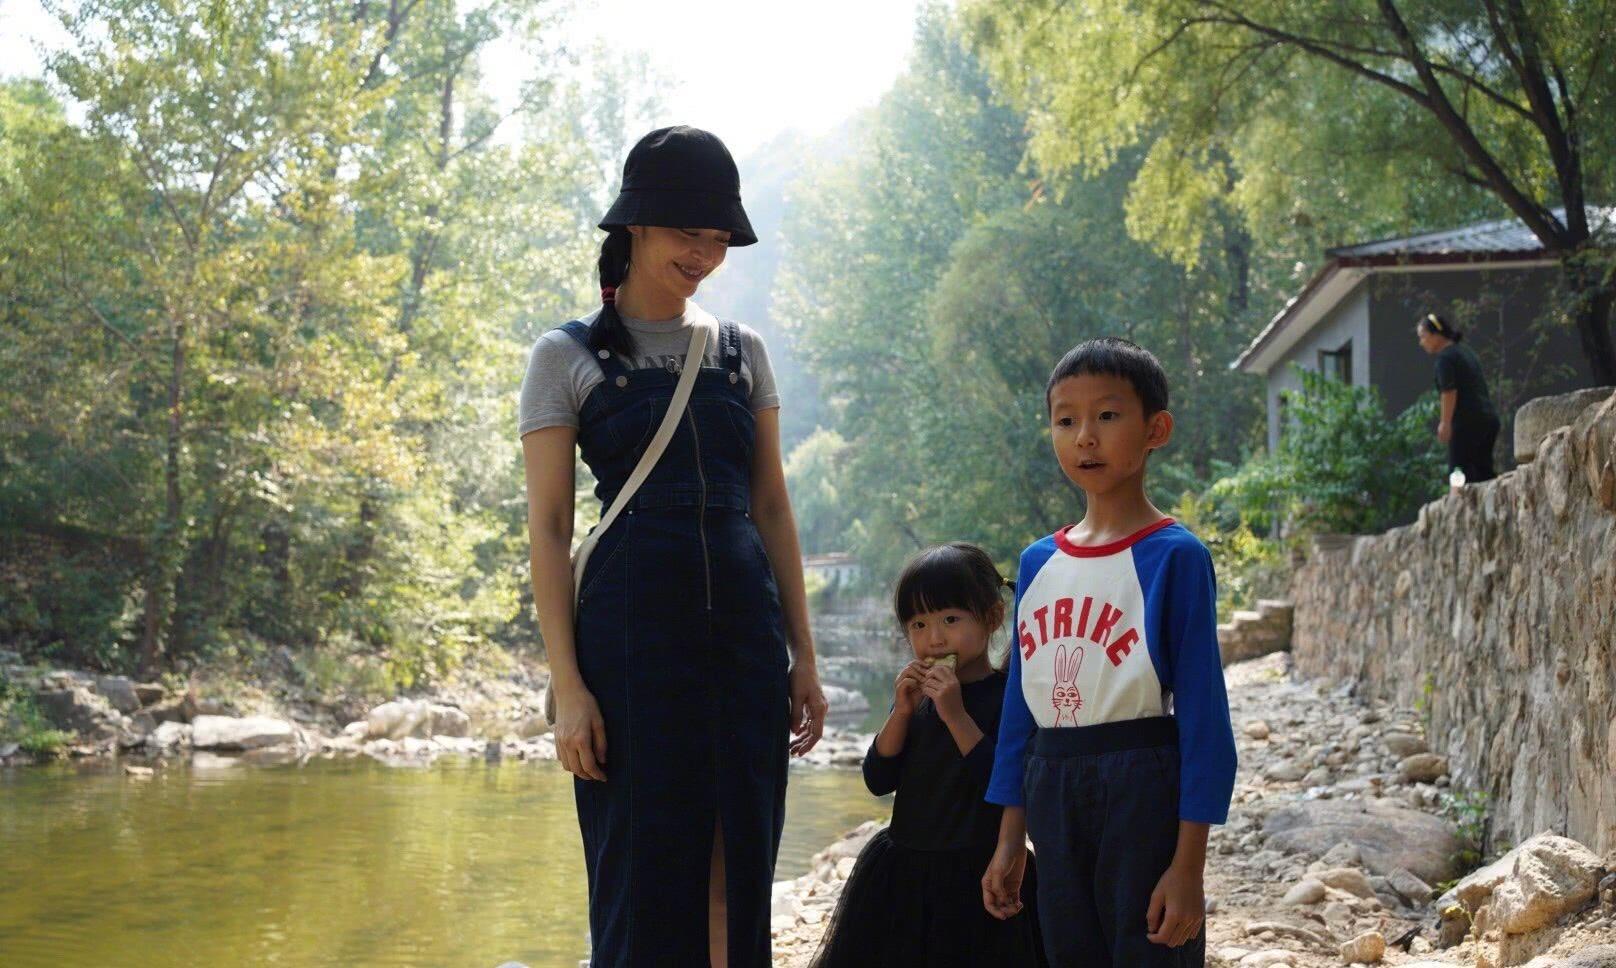 姚晨带一双儿女野外郊游,身穿背带裙,休闲舒适,身材和颜值超赞